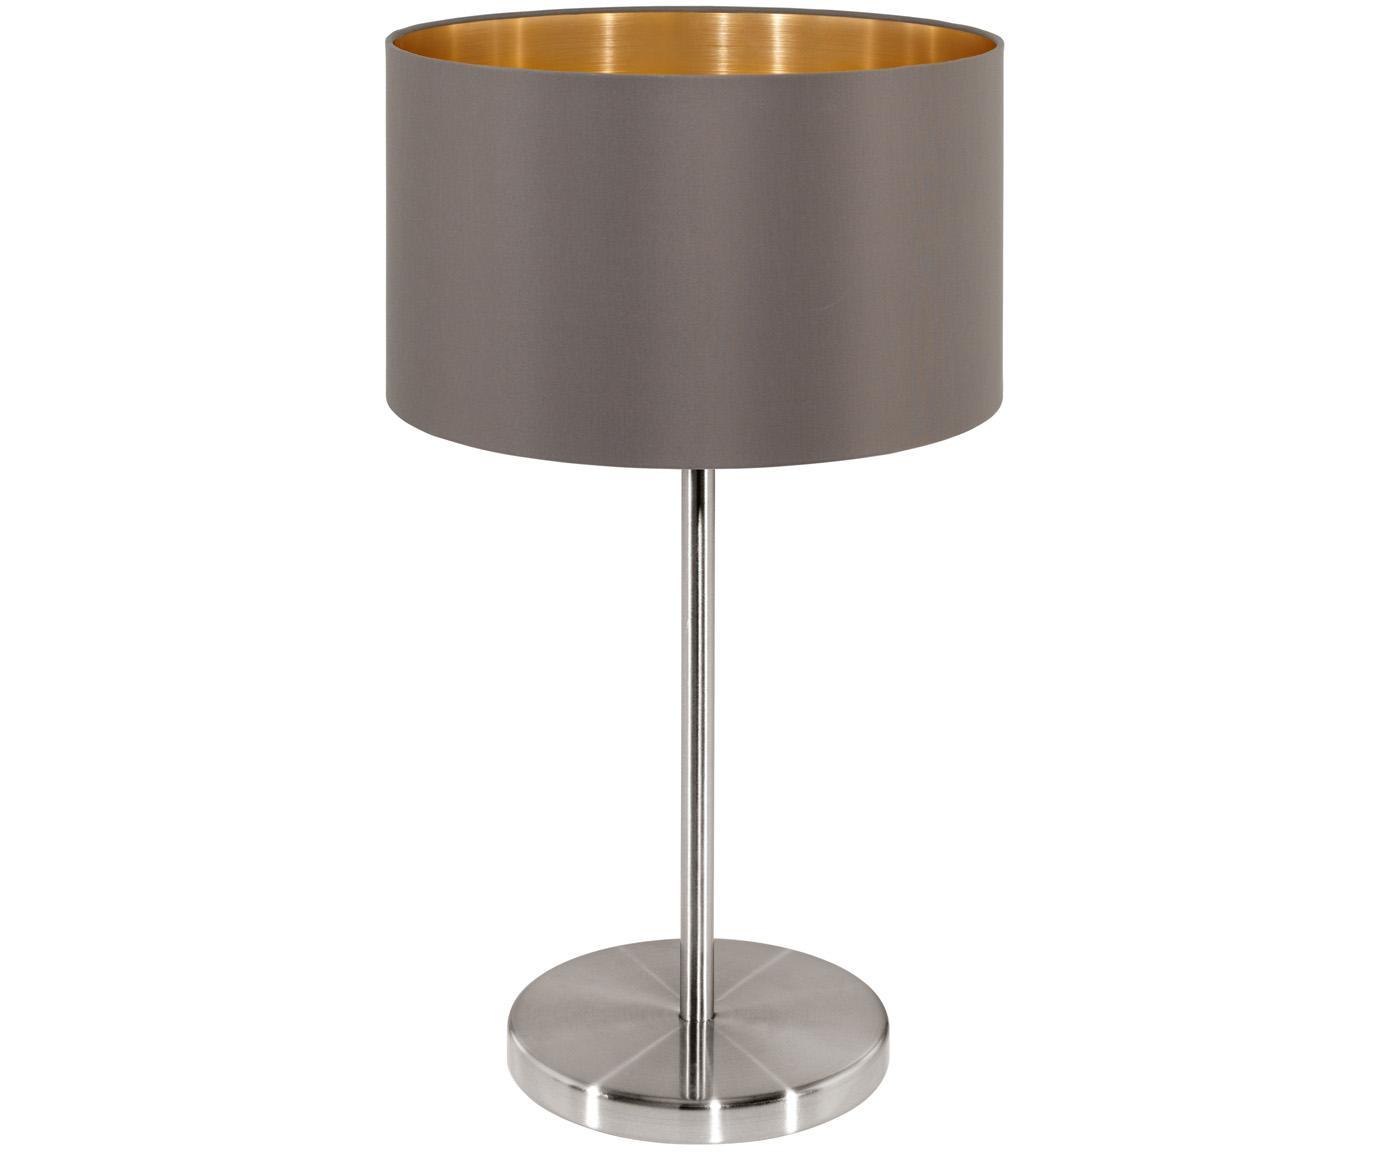 Tischleuchte Jamie, Grau-Beige,Silberfarben, ∅ 23 x H 42 cm